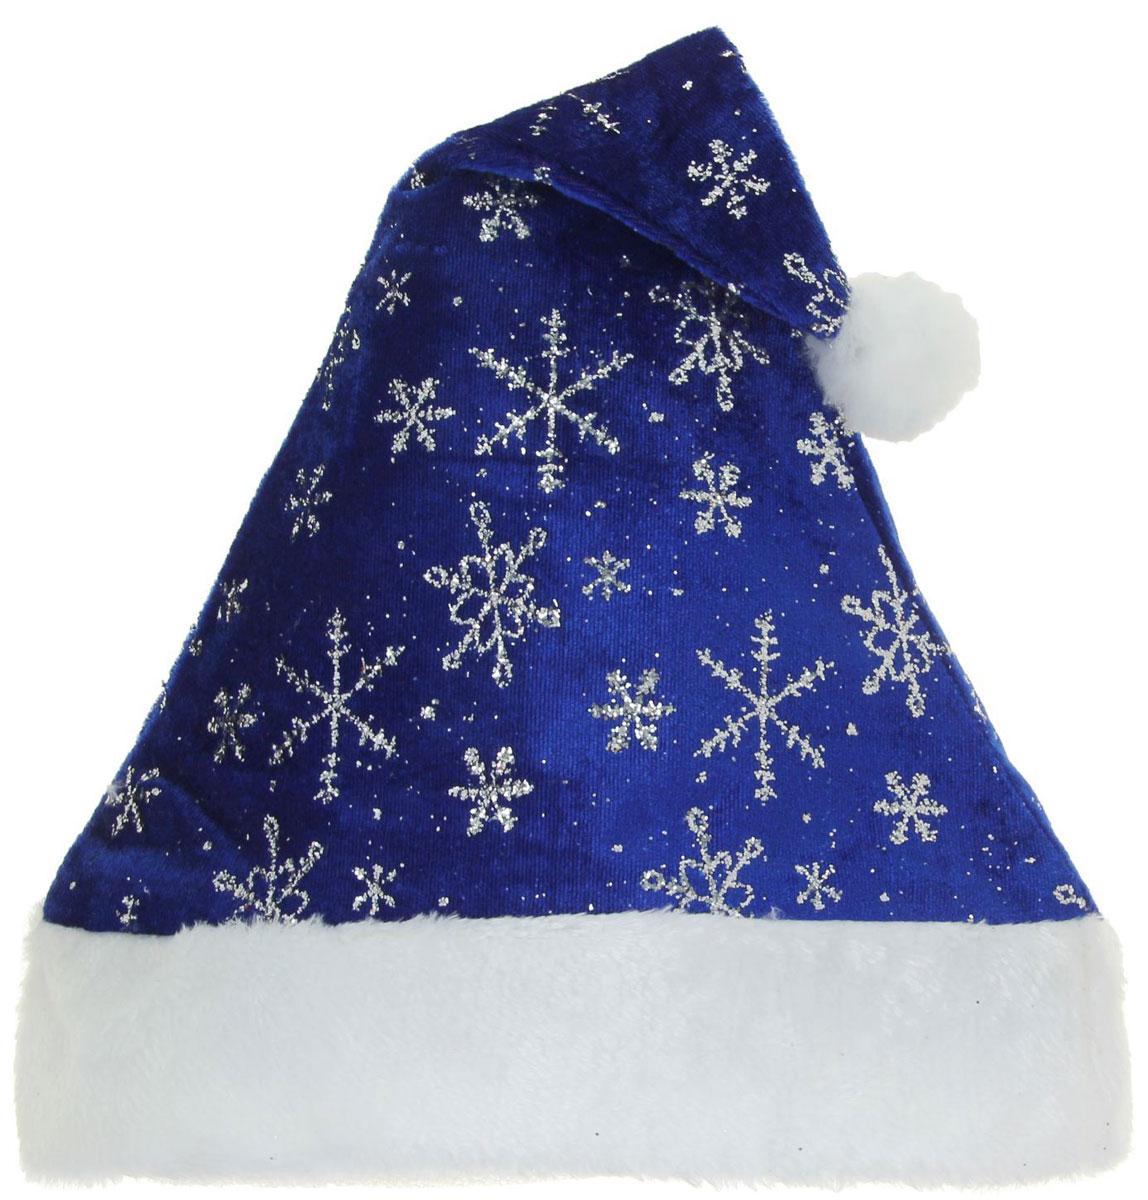 Колпак новогодний Снегопад, 29 х 40 см811346Поддайтесь новогоднему веселью на полную катушку! Забавный колпак в секунду создаст праздничное настроение, будь то поздравление ребятишек или вечеринка с друзьями. Размер изделия универсальный: аксессуар подойдет как для ребенка, так и для взрослого. А мягкий текстиль позволит носить колпак с комфортом на протяжении всей новогодней ночи.